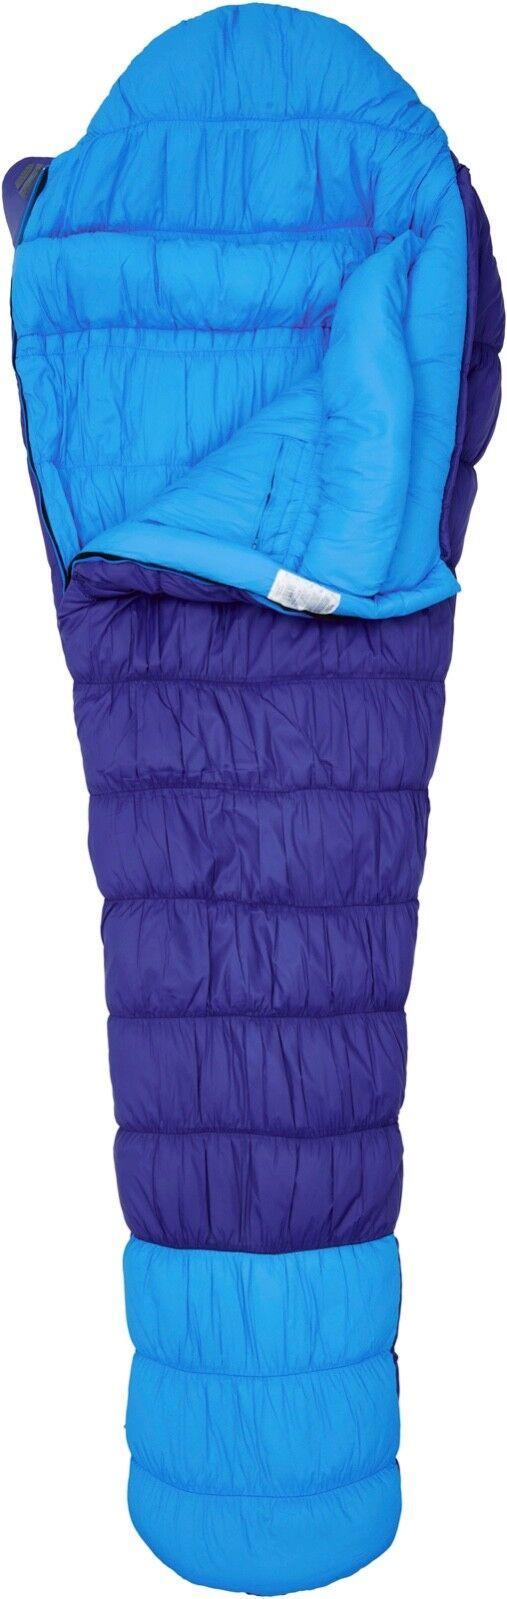 Sacco a pelo LESTRA Manaslu a – 20 Gradi Sacco A Pelo Blu Trekking Sacco a Pelo Caldo